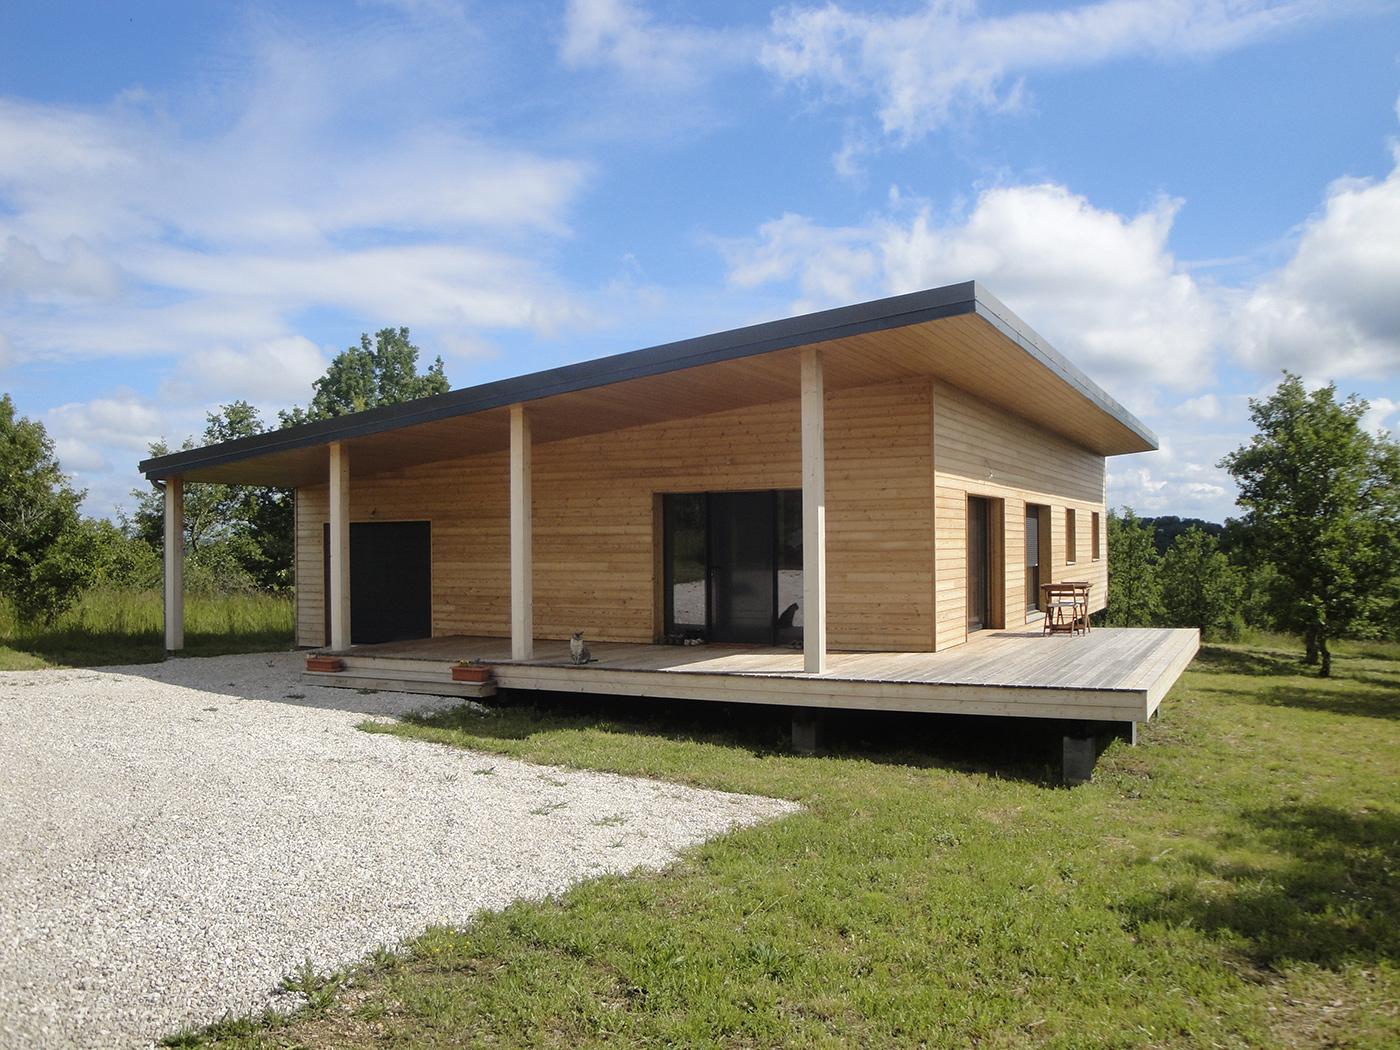 Constructeur maison bois essonne segu maison for Constructeur maison bois 50